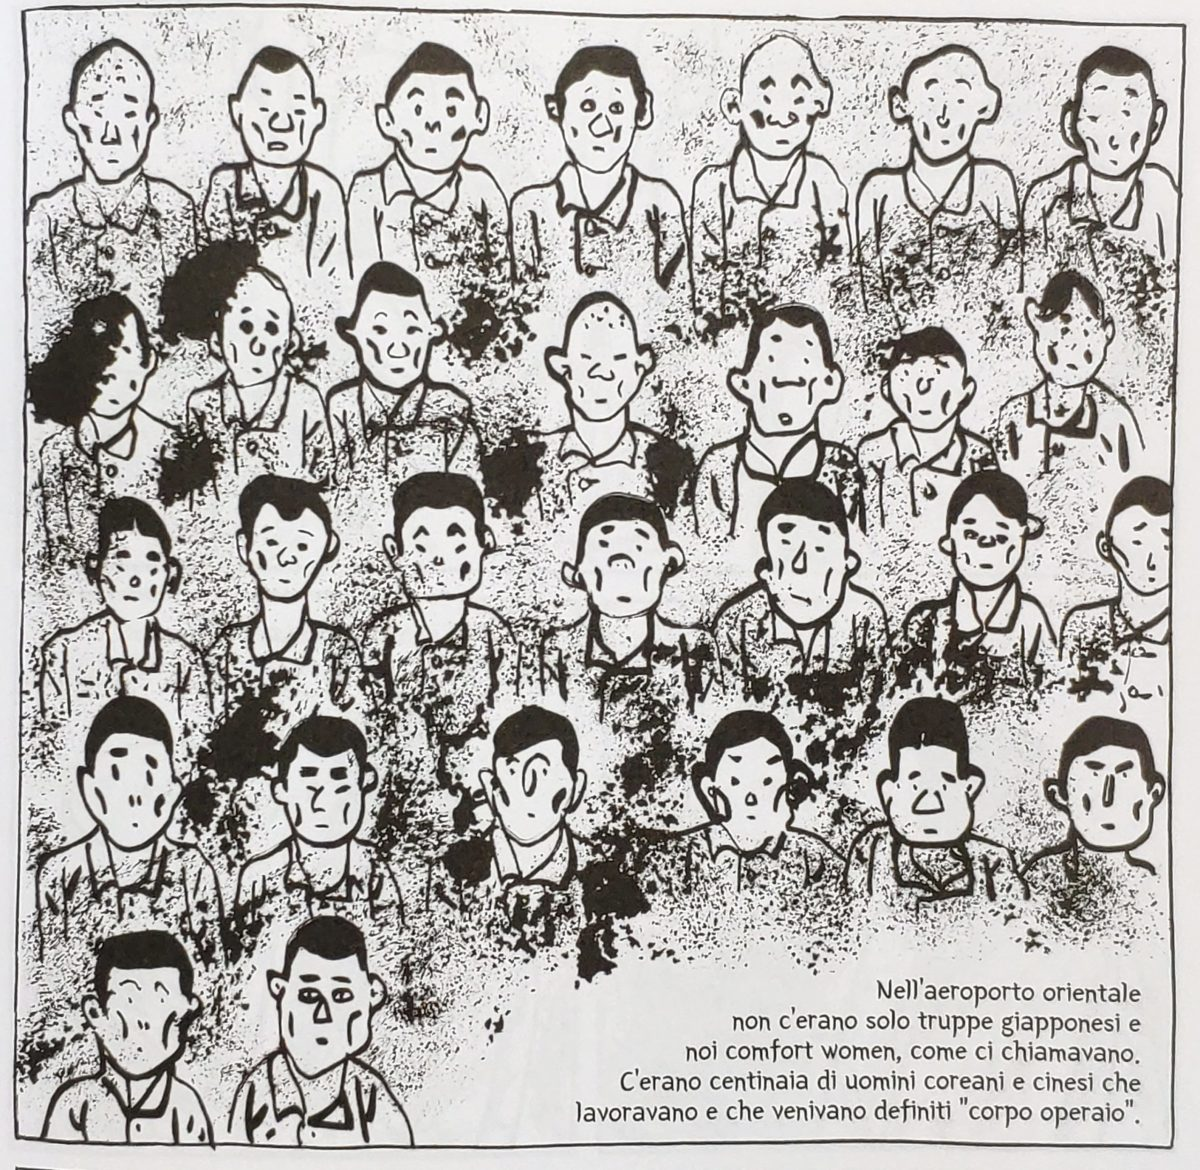 Mio caro fumetto… – Manodopera forzata all'aeroporto militare di Yanji